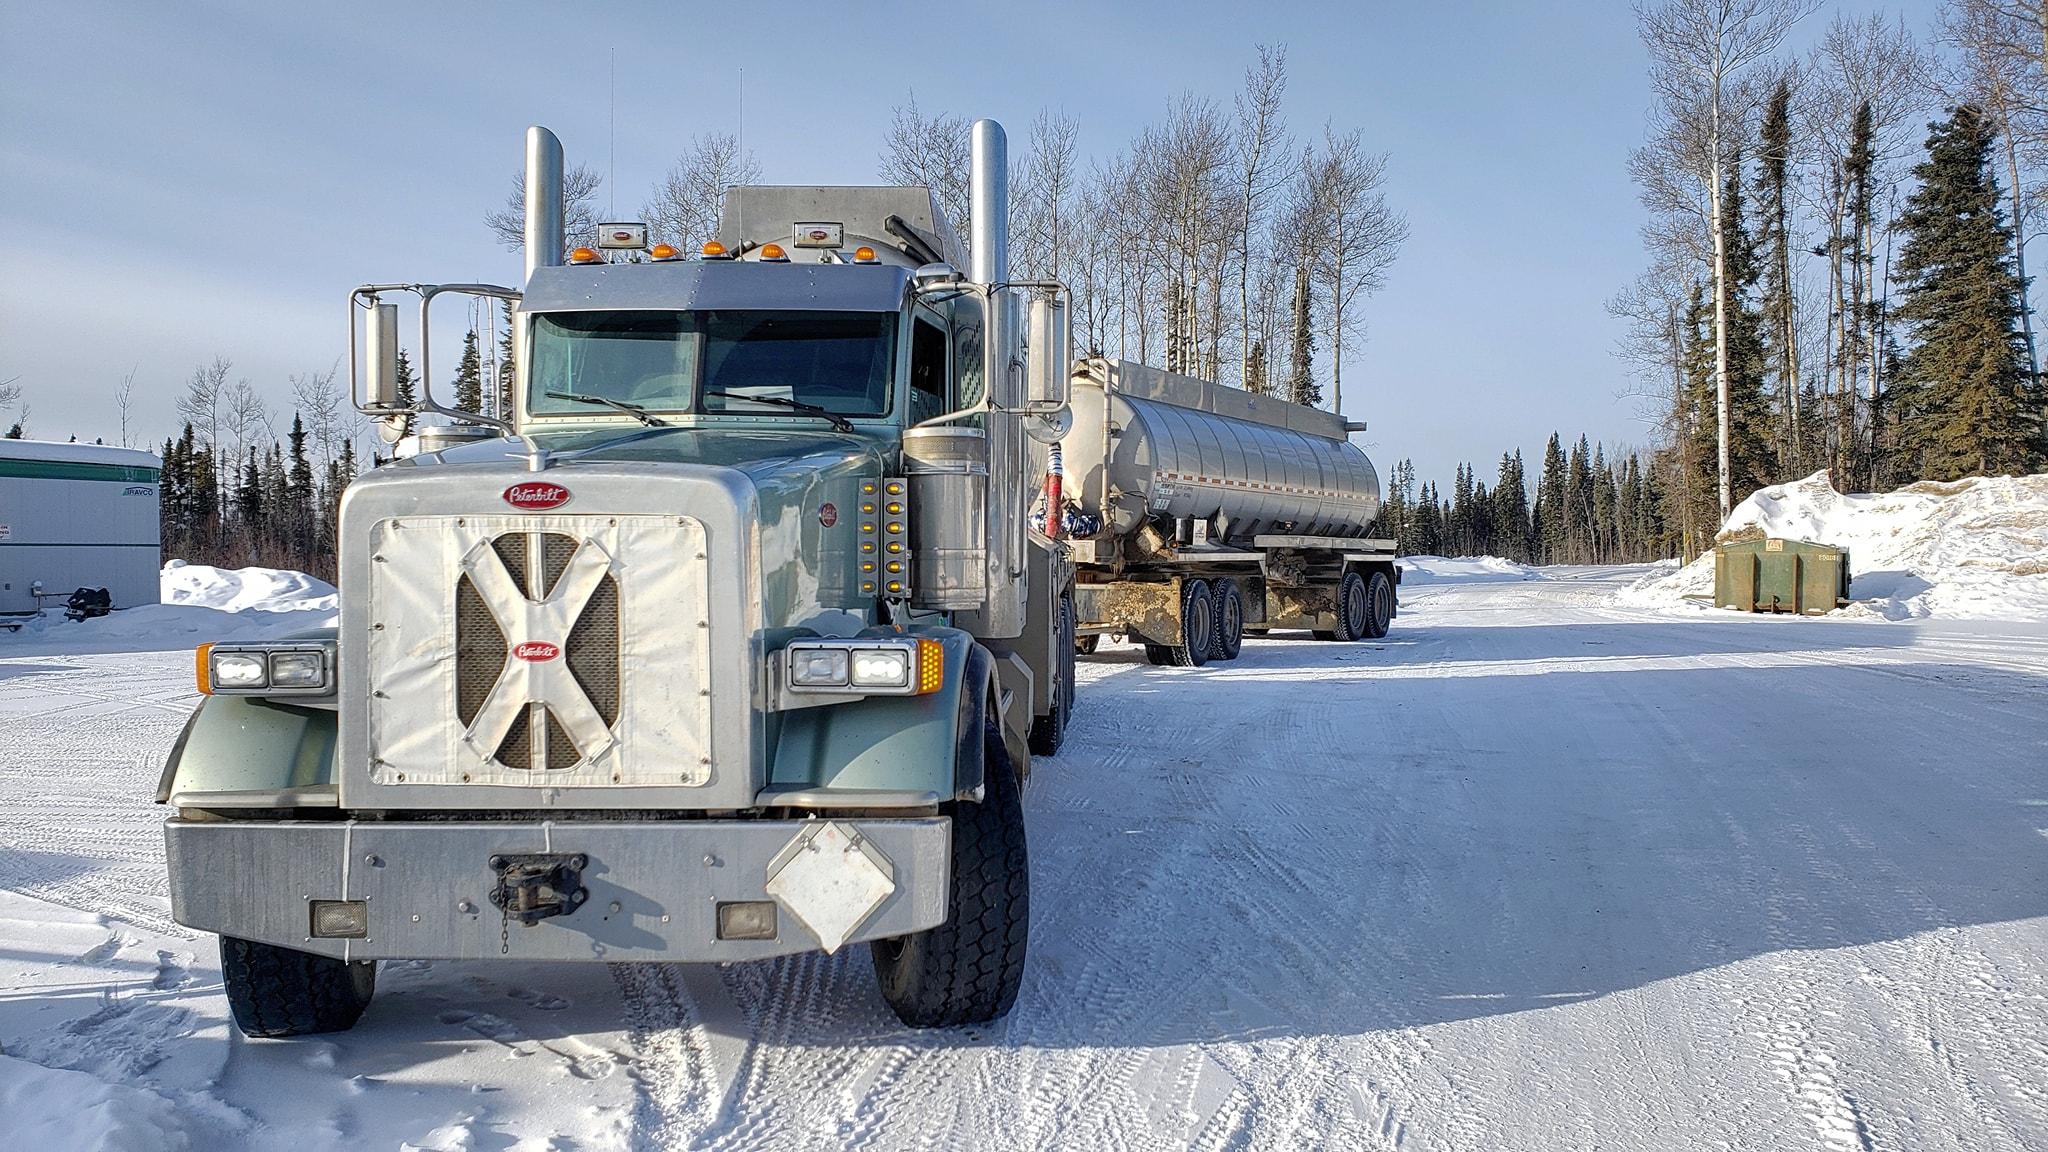 14-2-2020--nu-met-tankwagen-om-meer-thuis-te-zijn-Taber--(3)